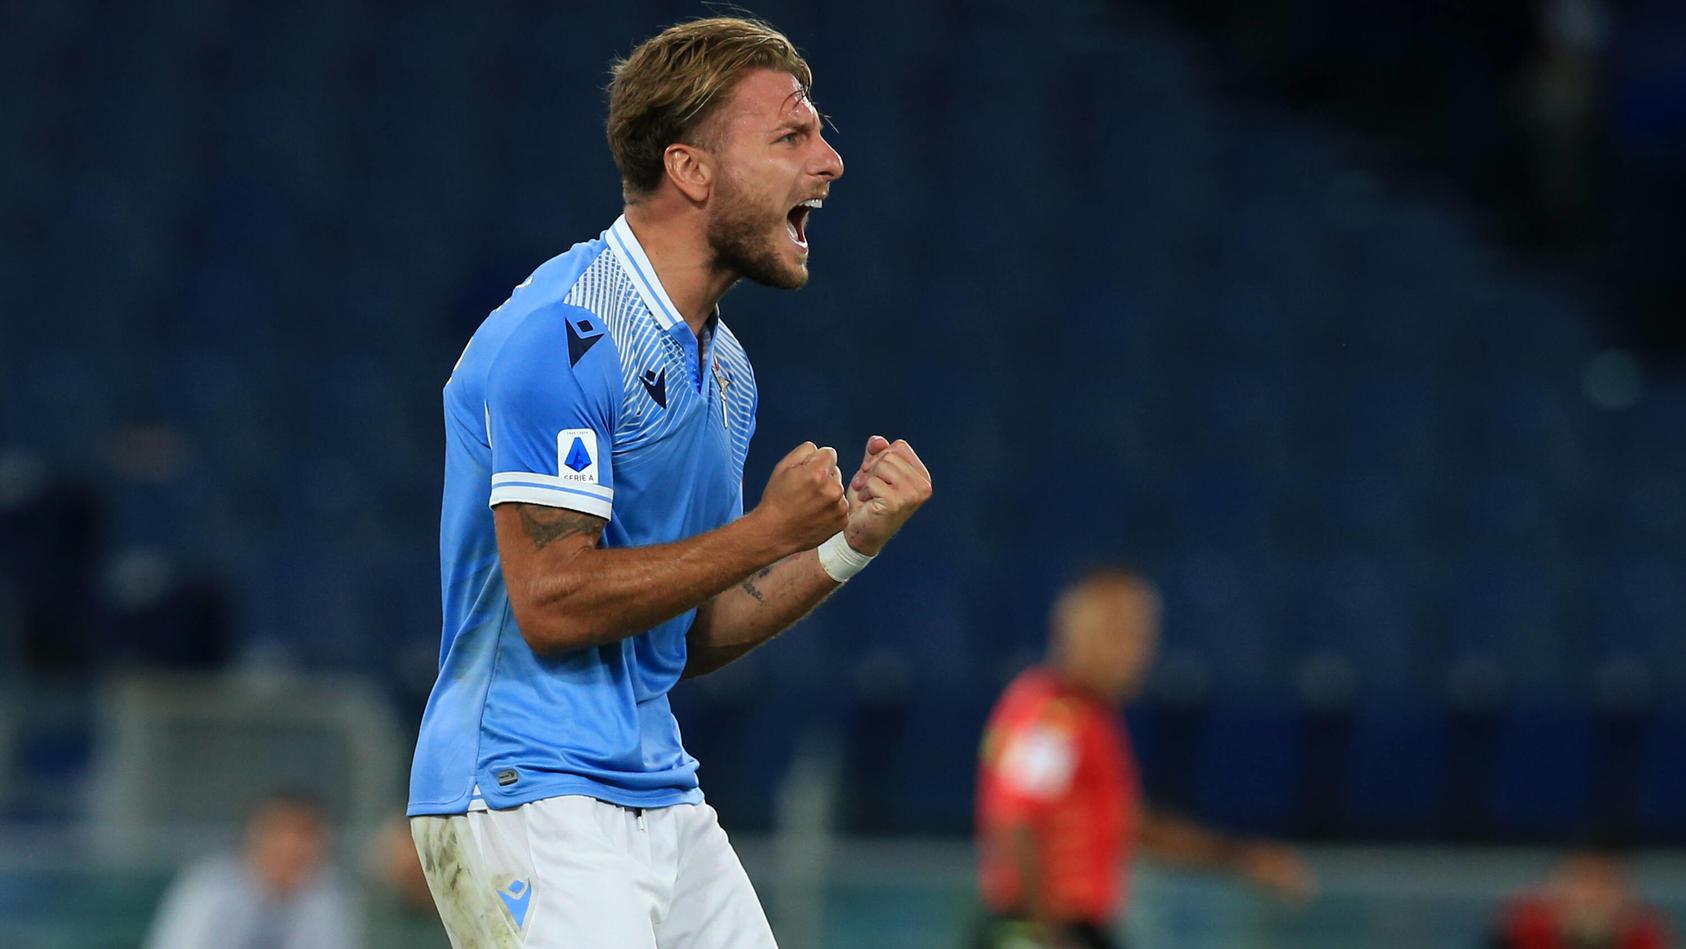 Italy: Serie A : SS Lazio beat Brescia Calcio Ciro Immobile (Lazio) celebrates after scoring a goal during the Serie A